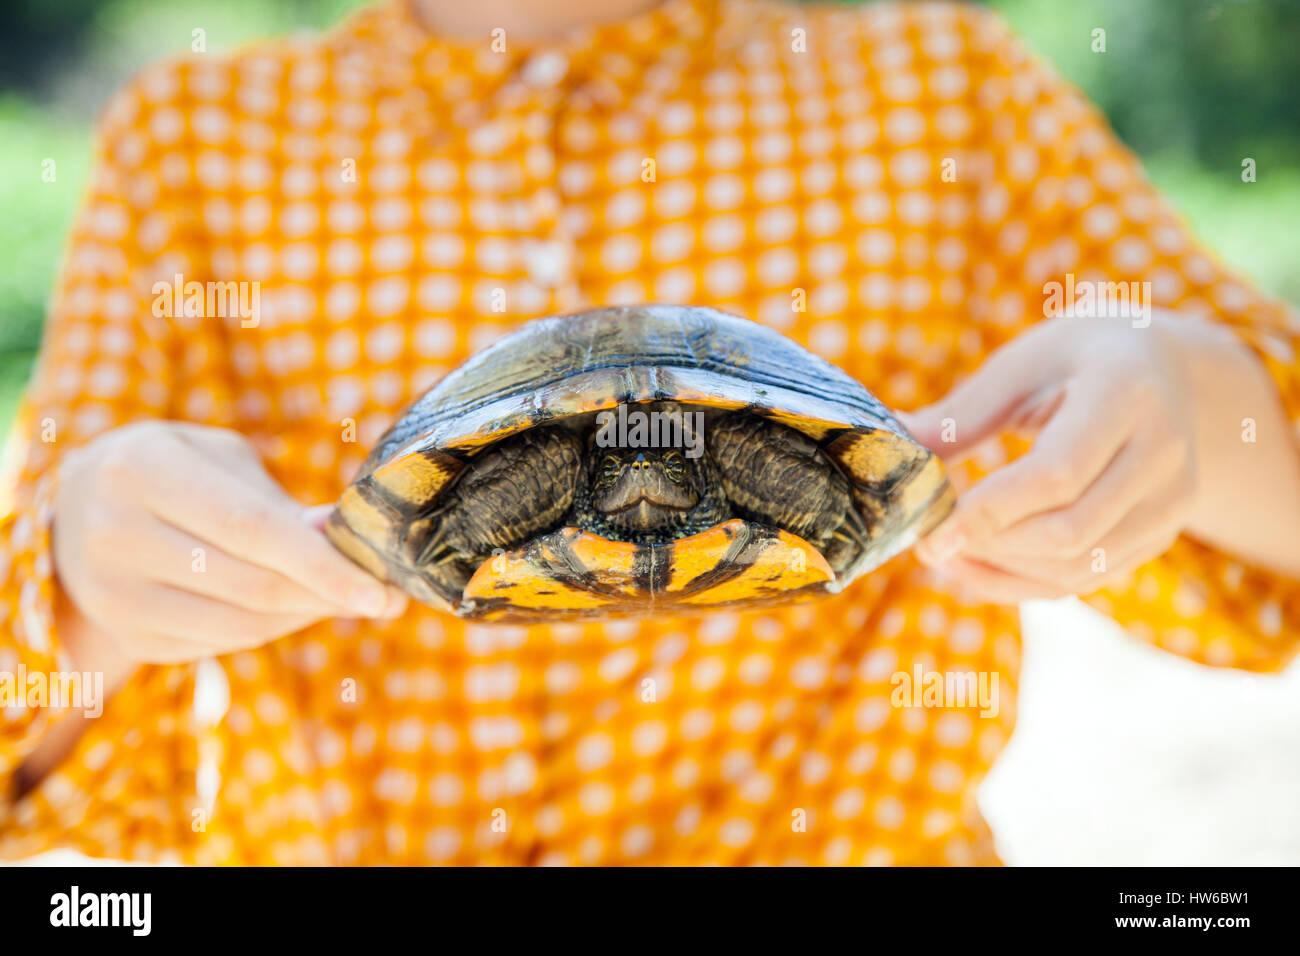 Halten Sie eine Schildkröte Stockbild